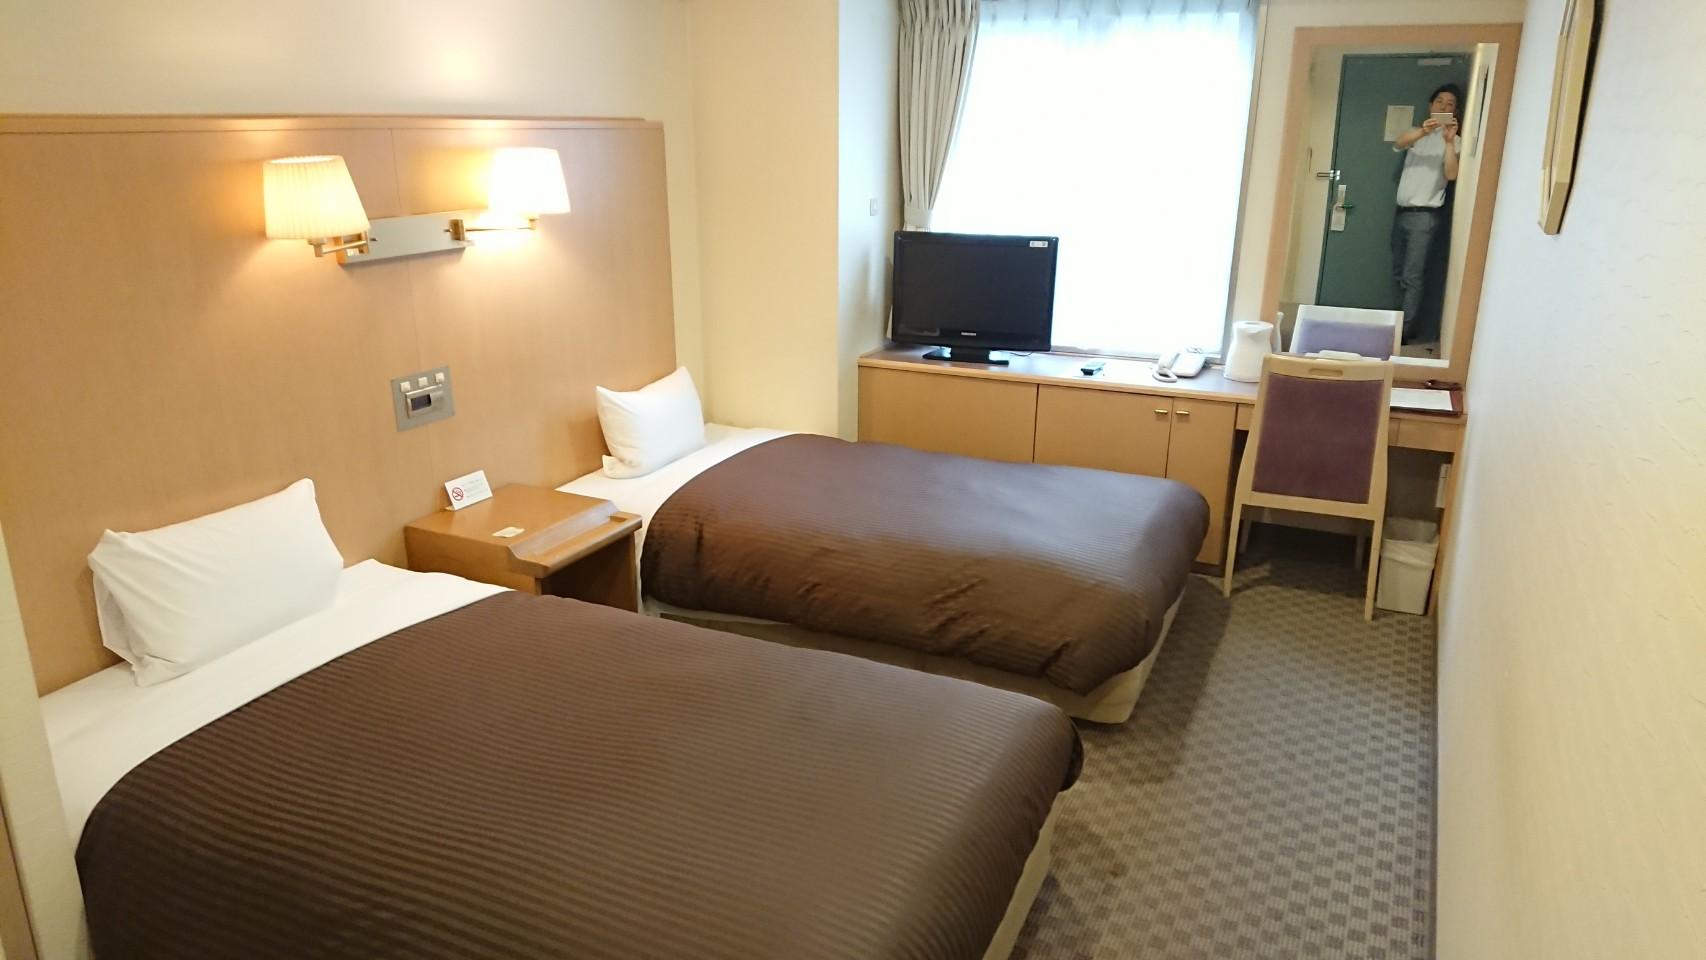 モデレートツインルーム|札幌クラッセホテル